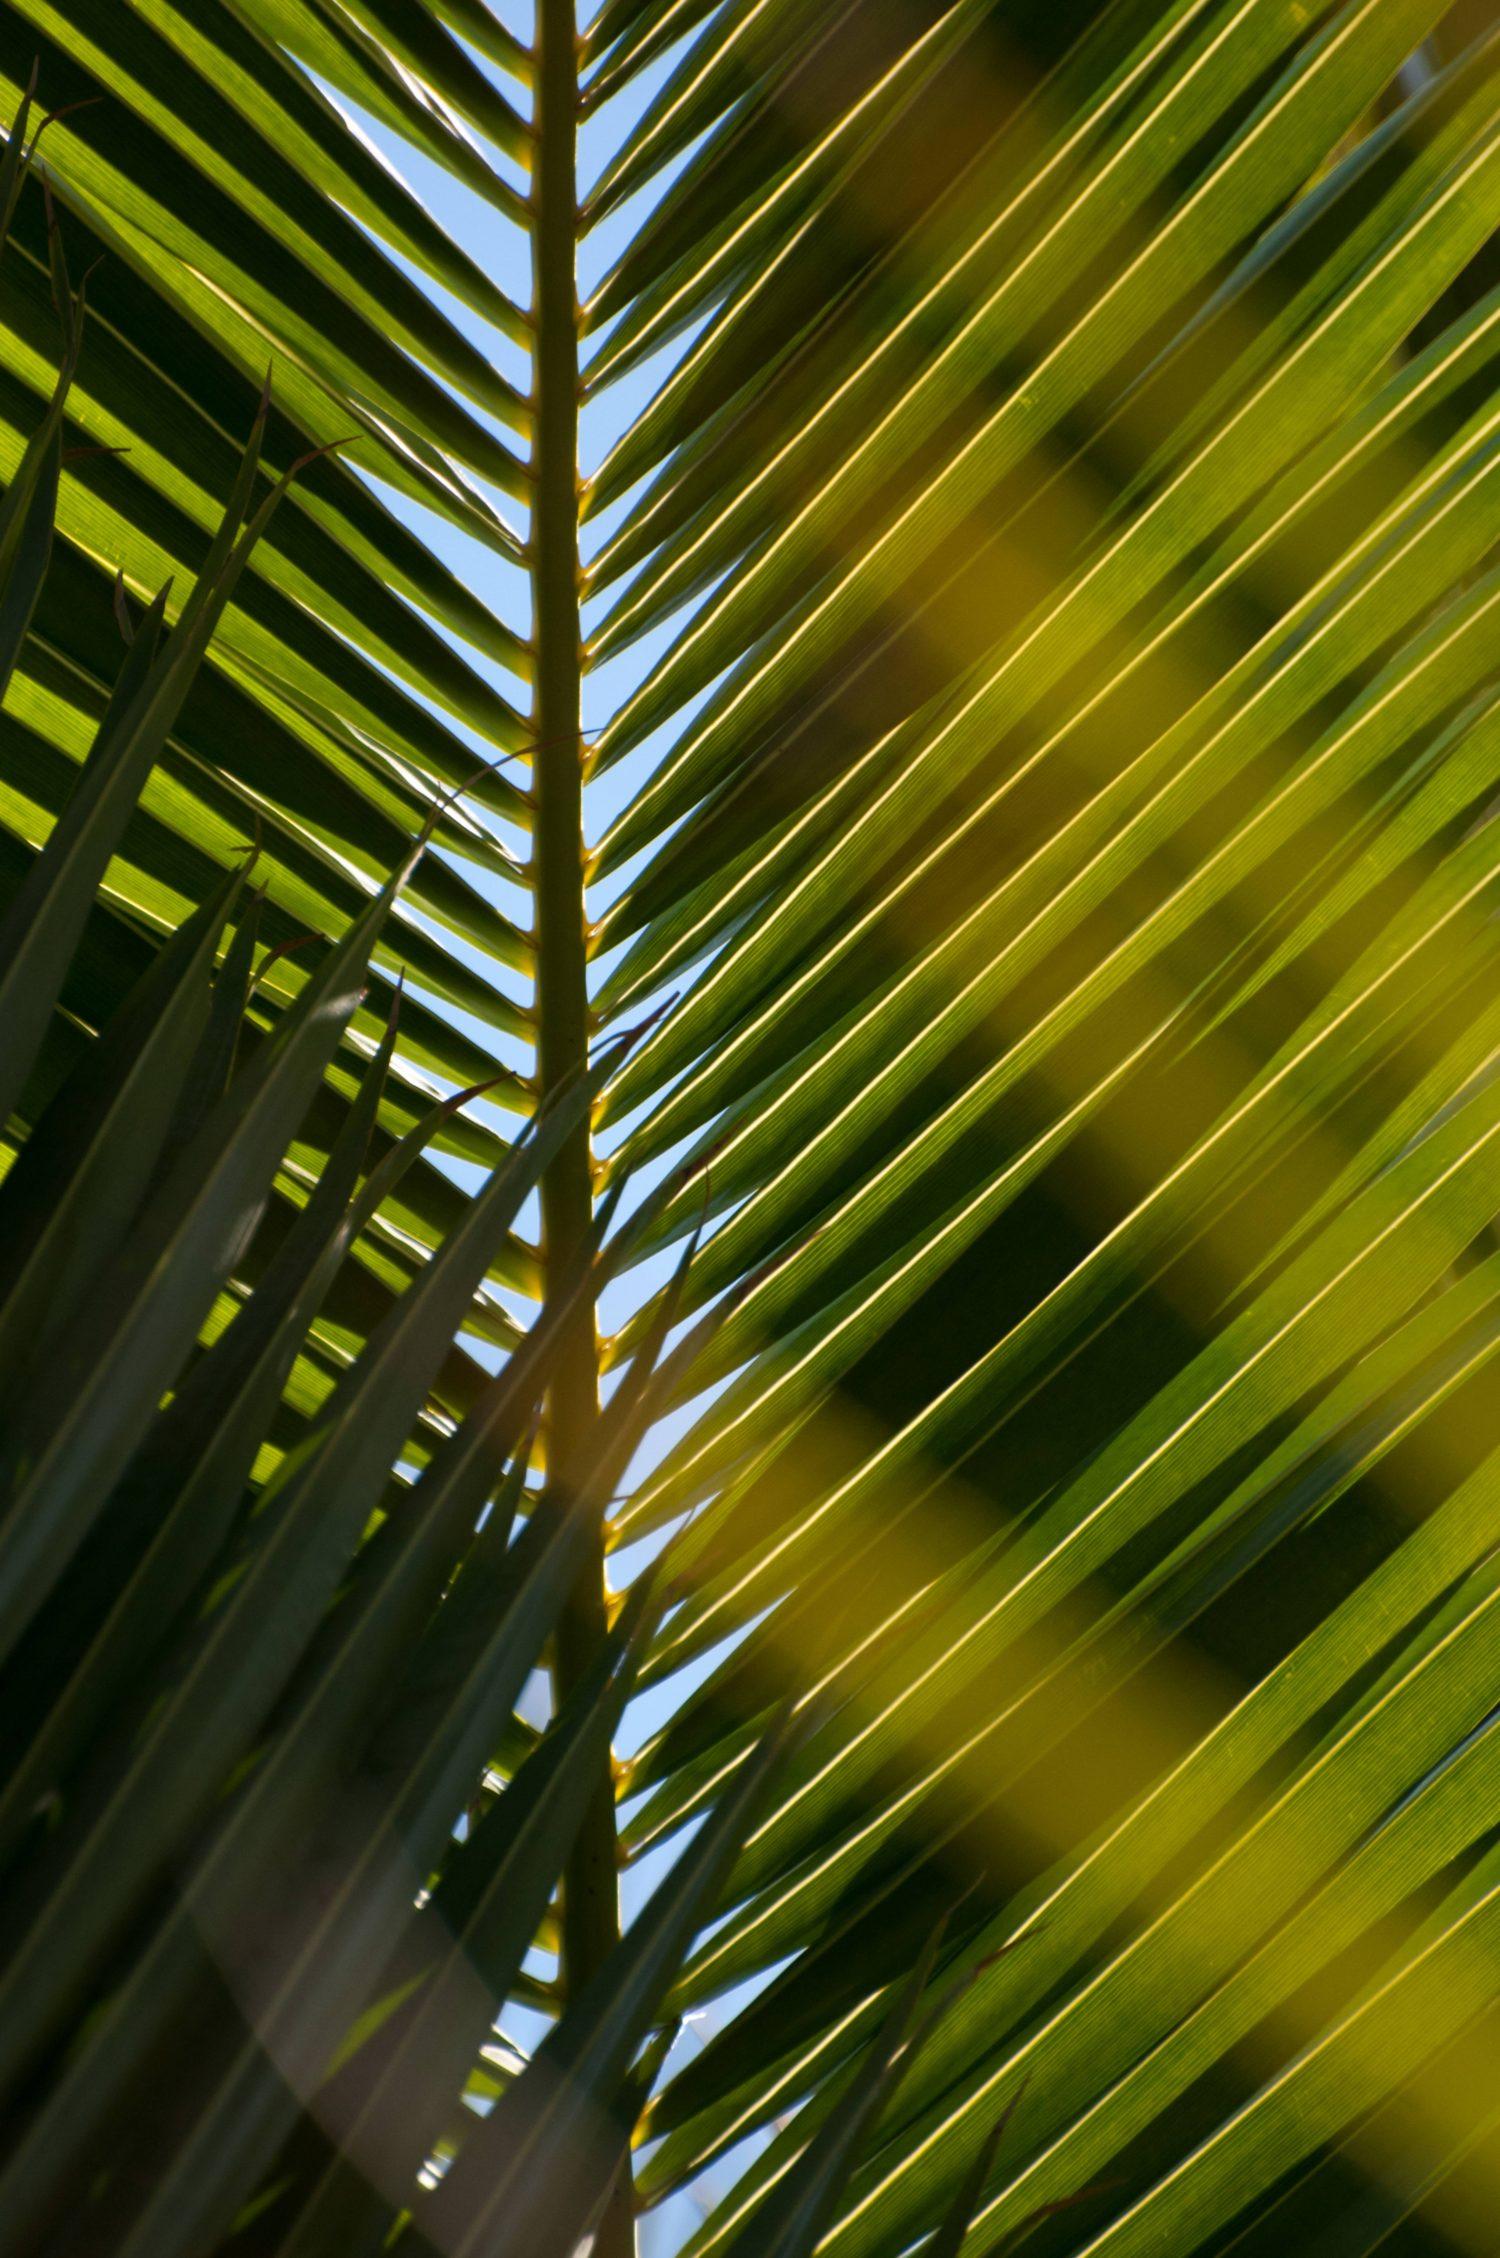 Palmtree Leaves